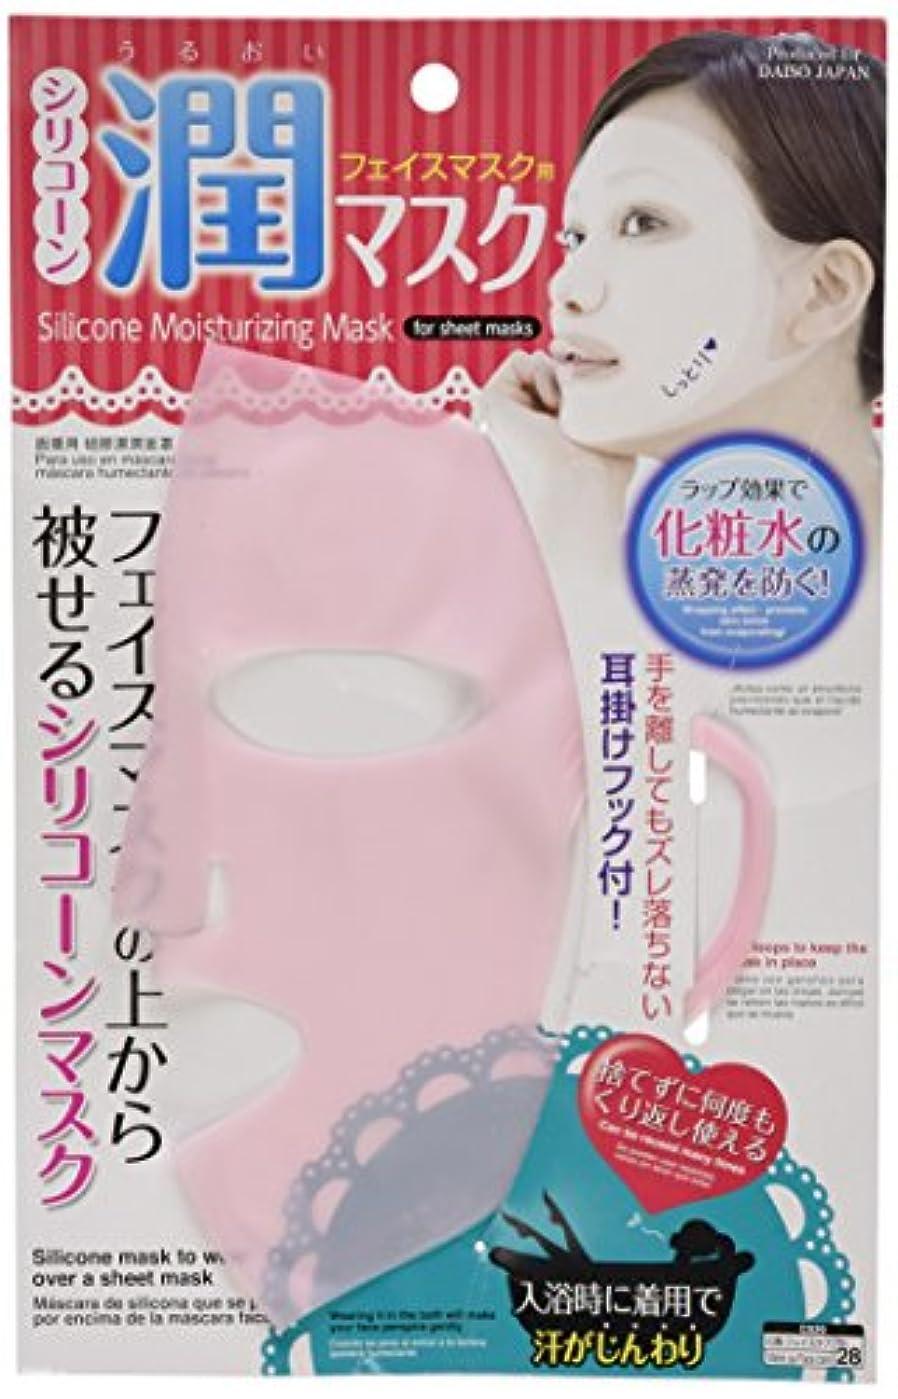 キャメルアレルギーフラッシュのように素早くシリコン潤マスク フェイスマスク ピンク/白 DAISO Silicone Reused Moisturizing Mask Ear Loop Type 1pc Random Color